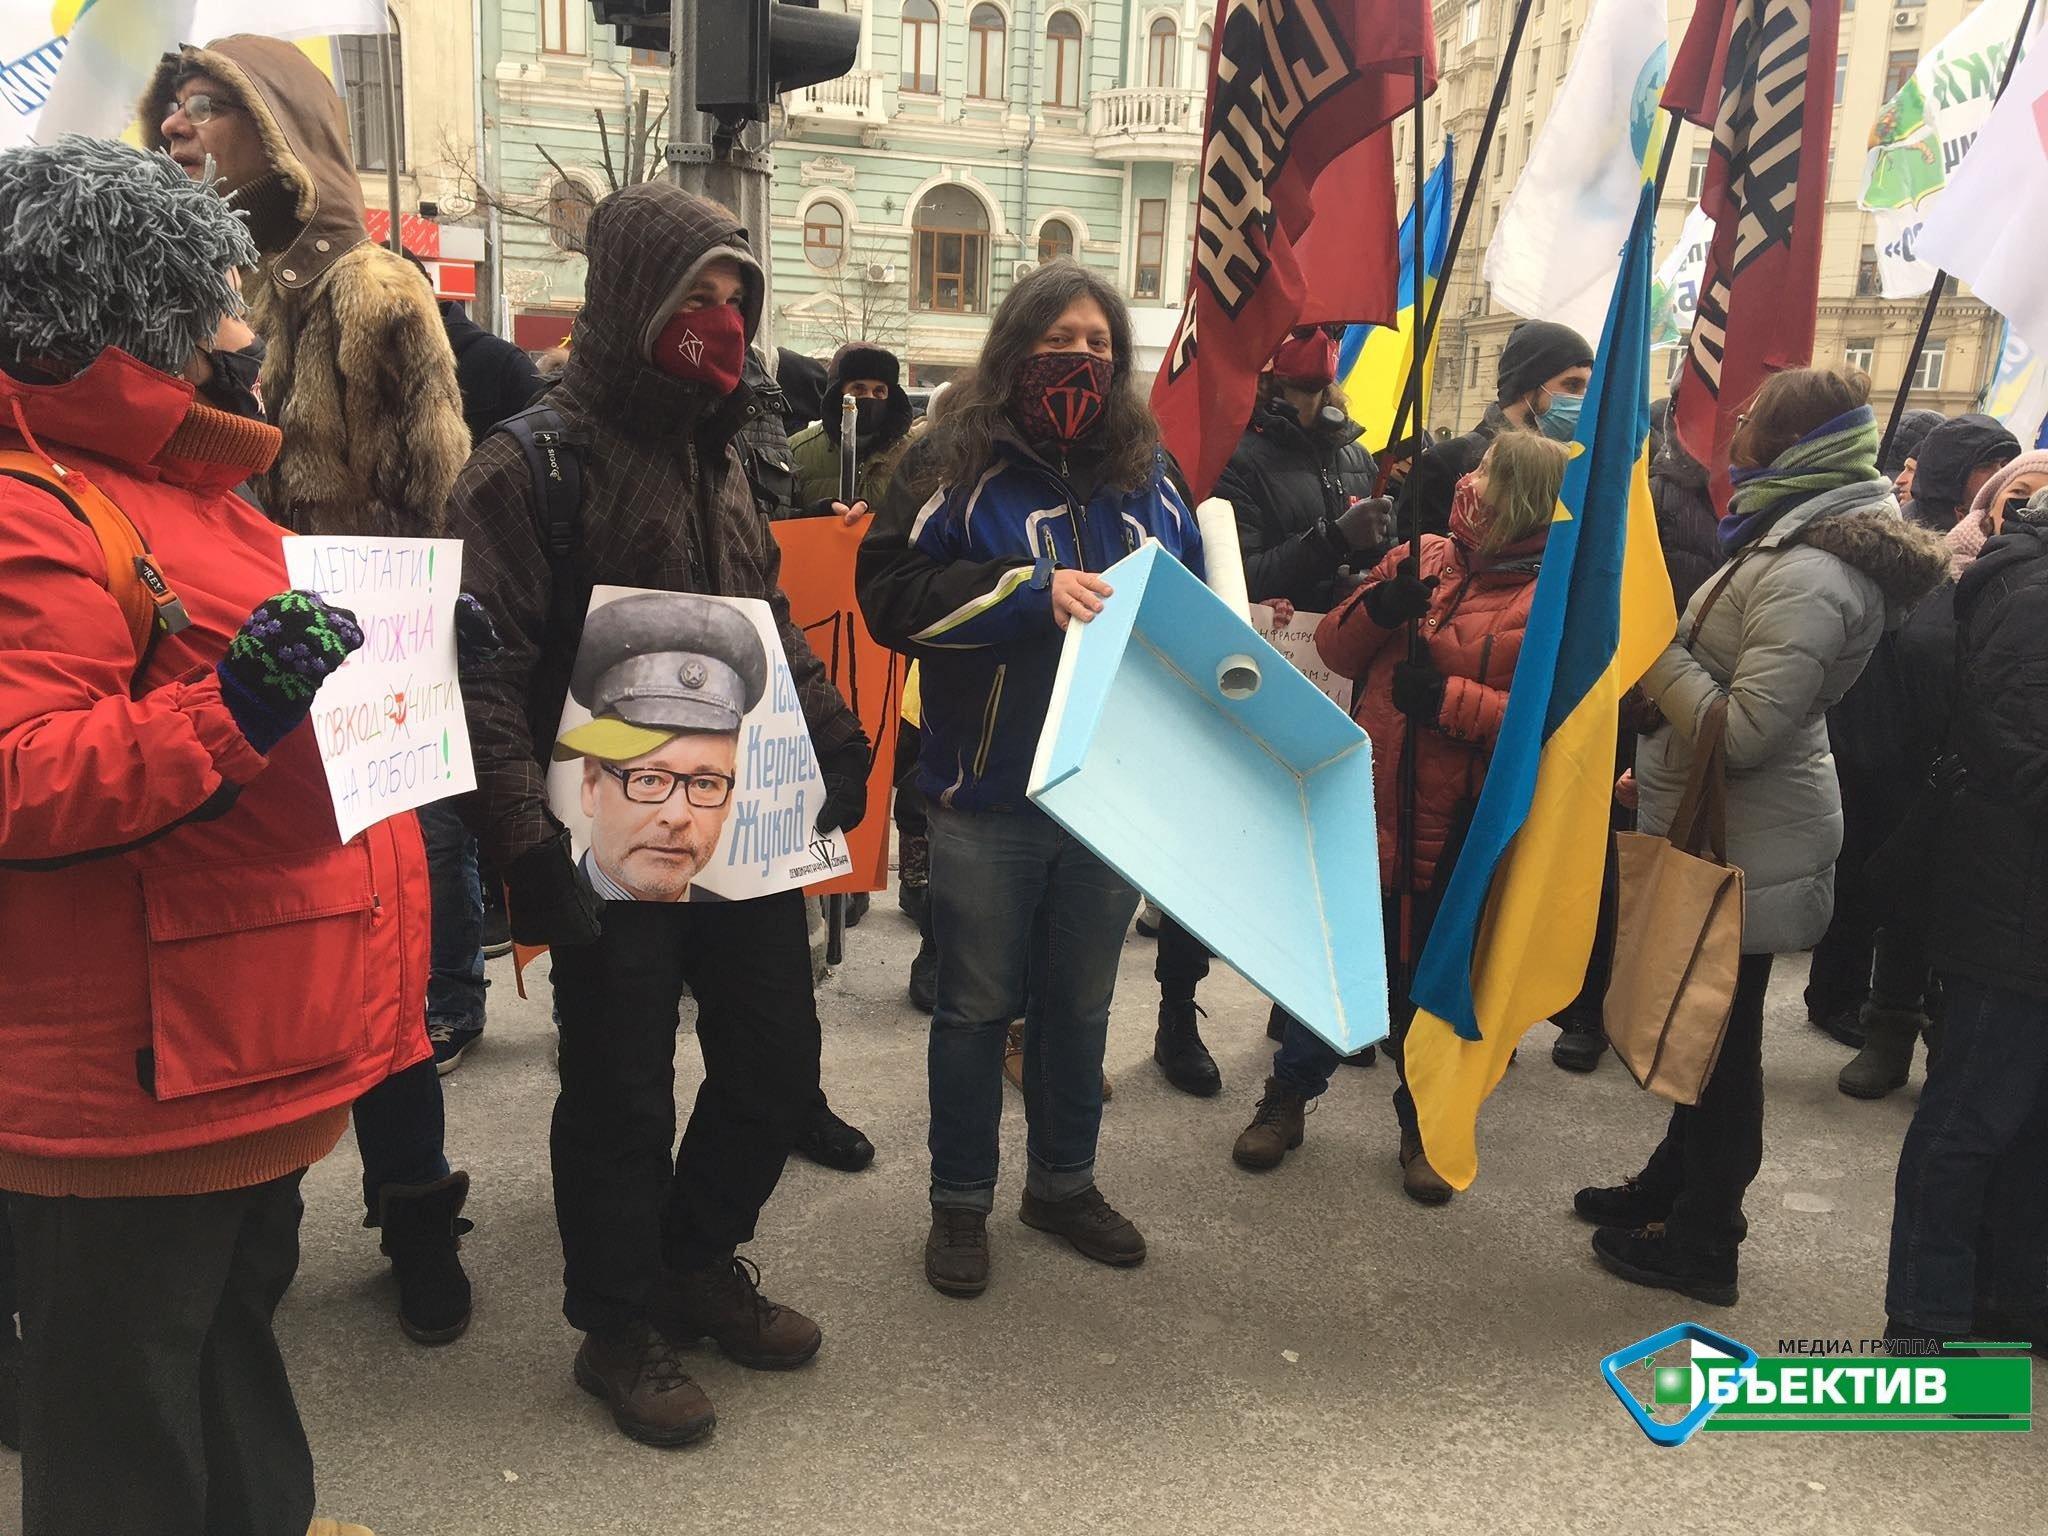 """Горсовет """"осадили"""" митингующие: харьковчане вышли против Жукова и """"коксохима"""""""